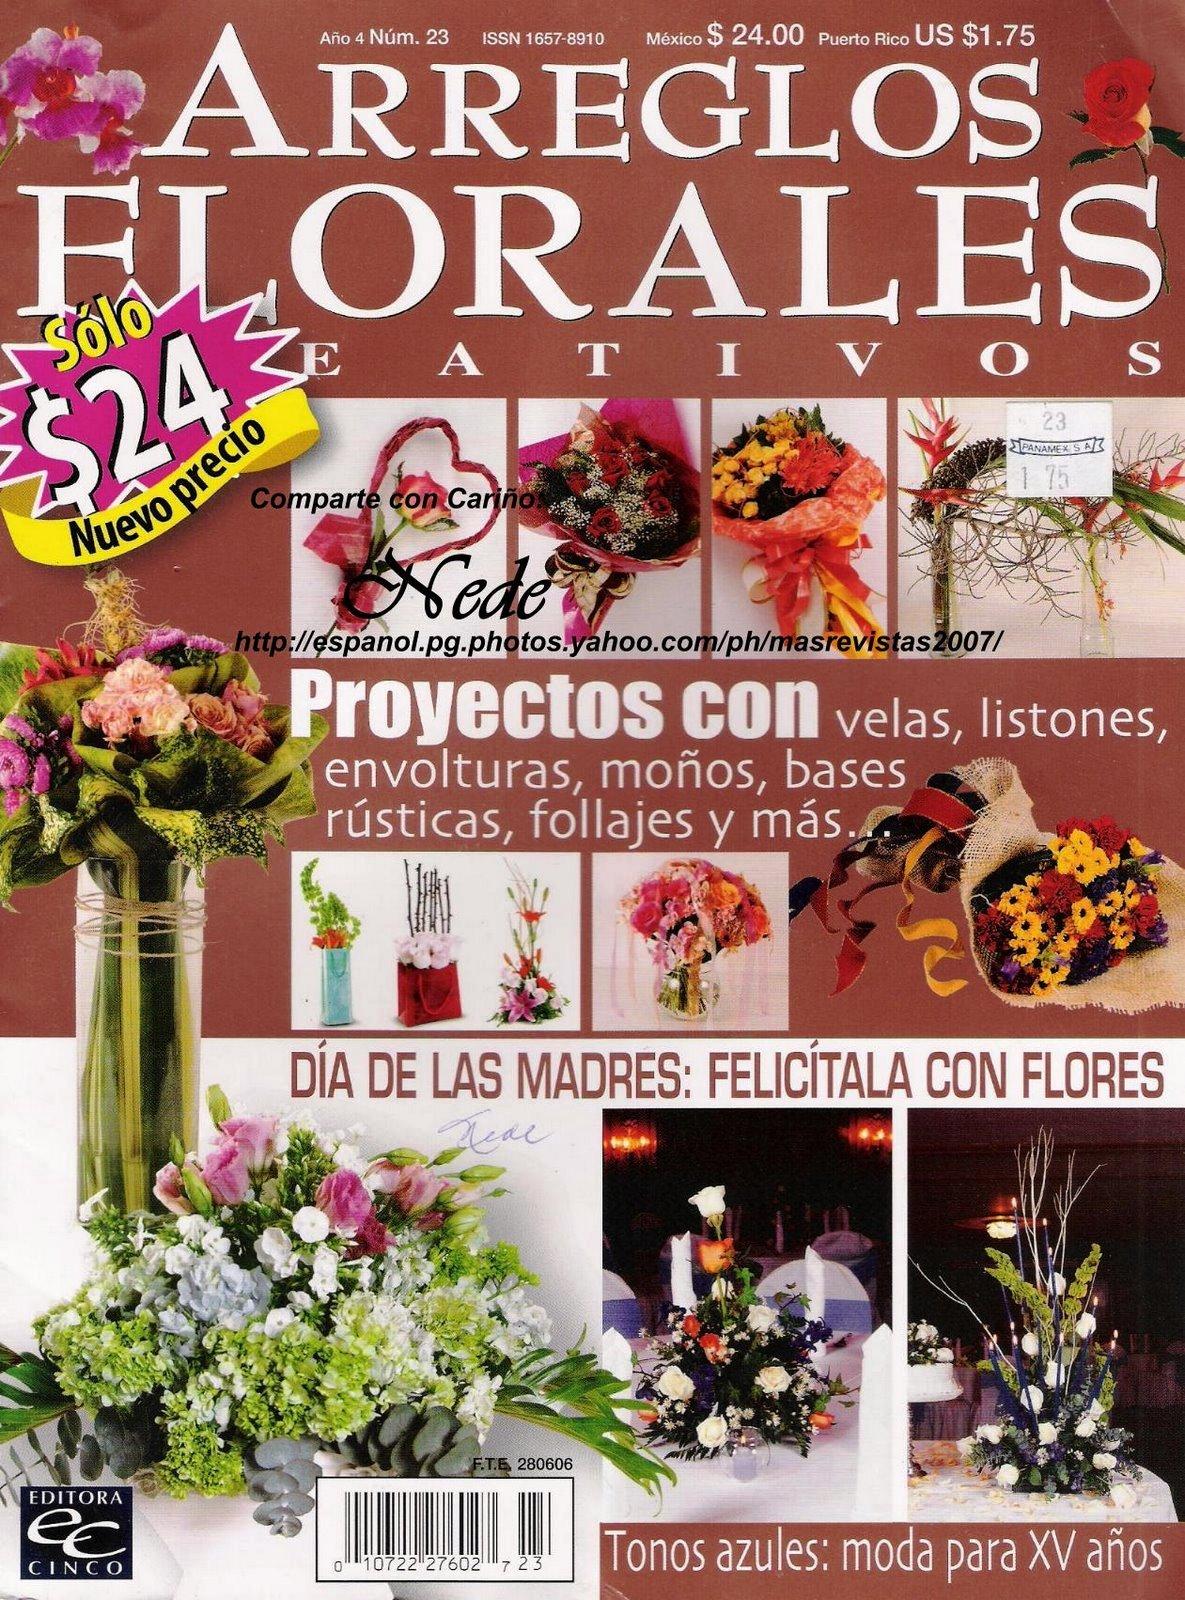 Revista: Arreglos florales No. 23